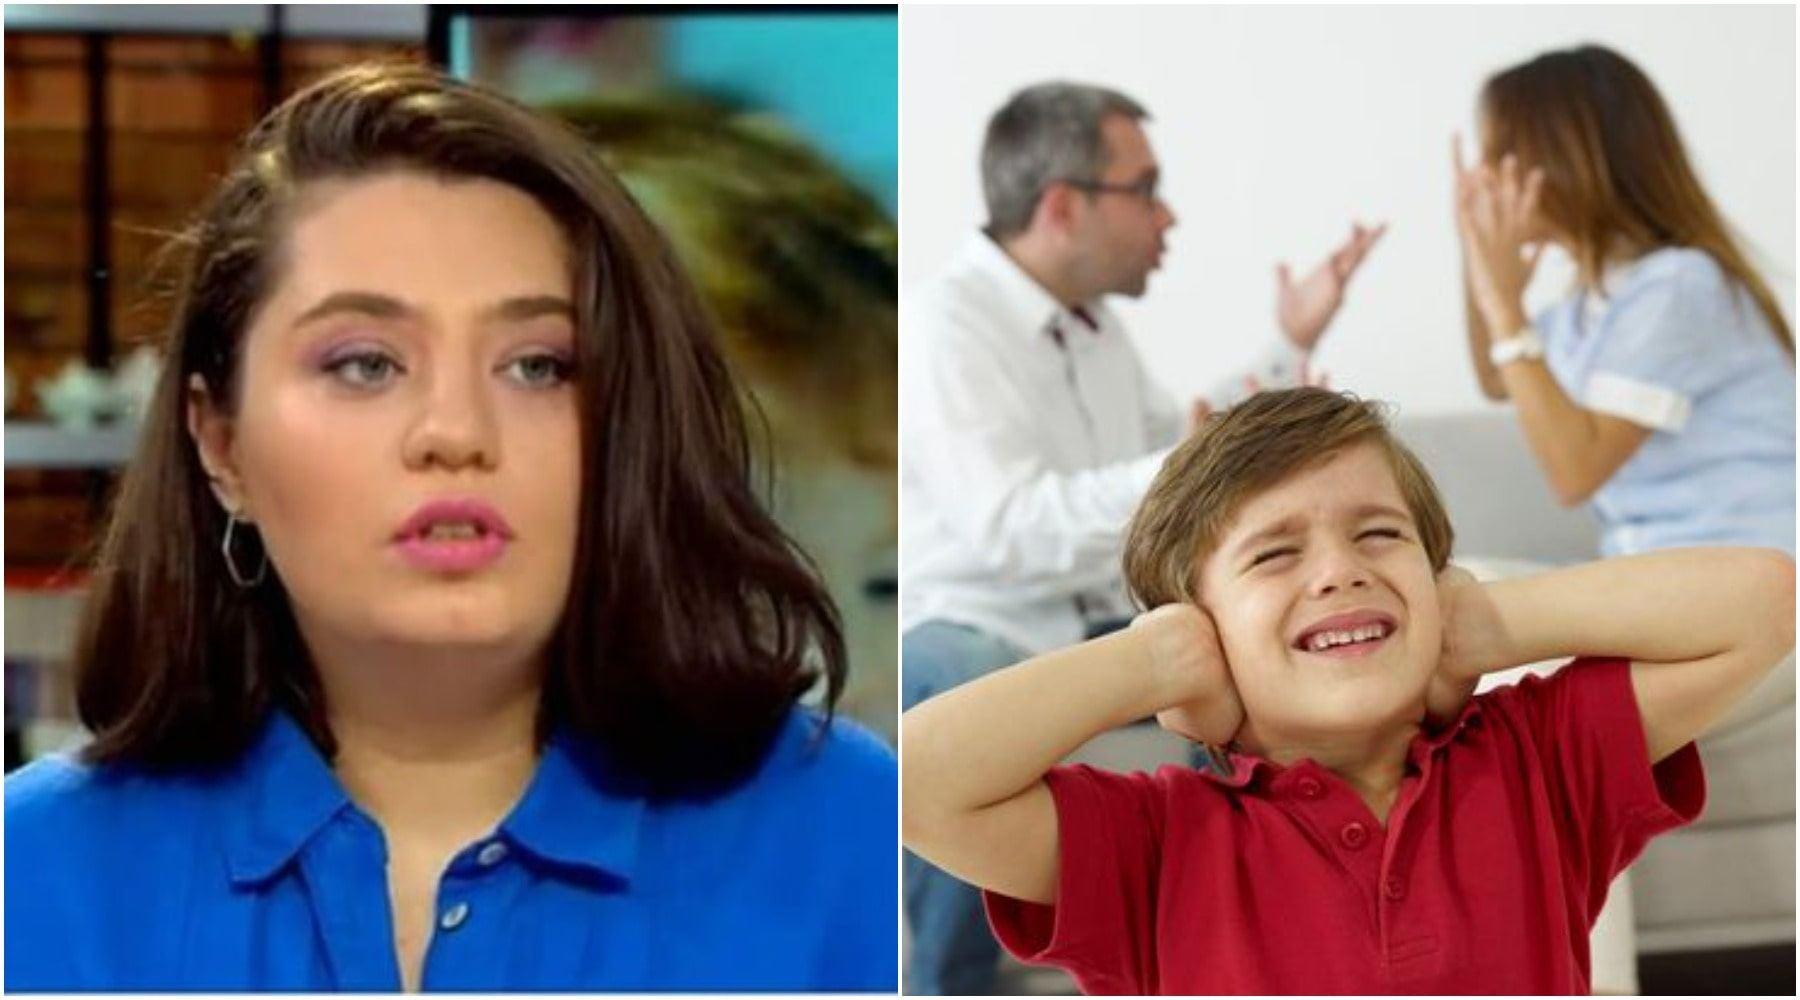 რა ზეგავლენას ახდენს ბავშვზე ოჯახური კონფლიქტები?